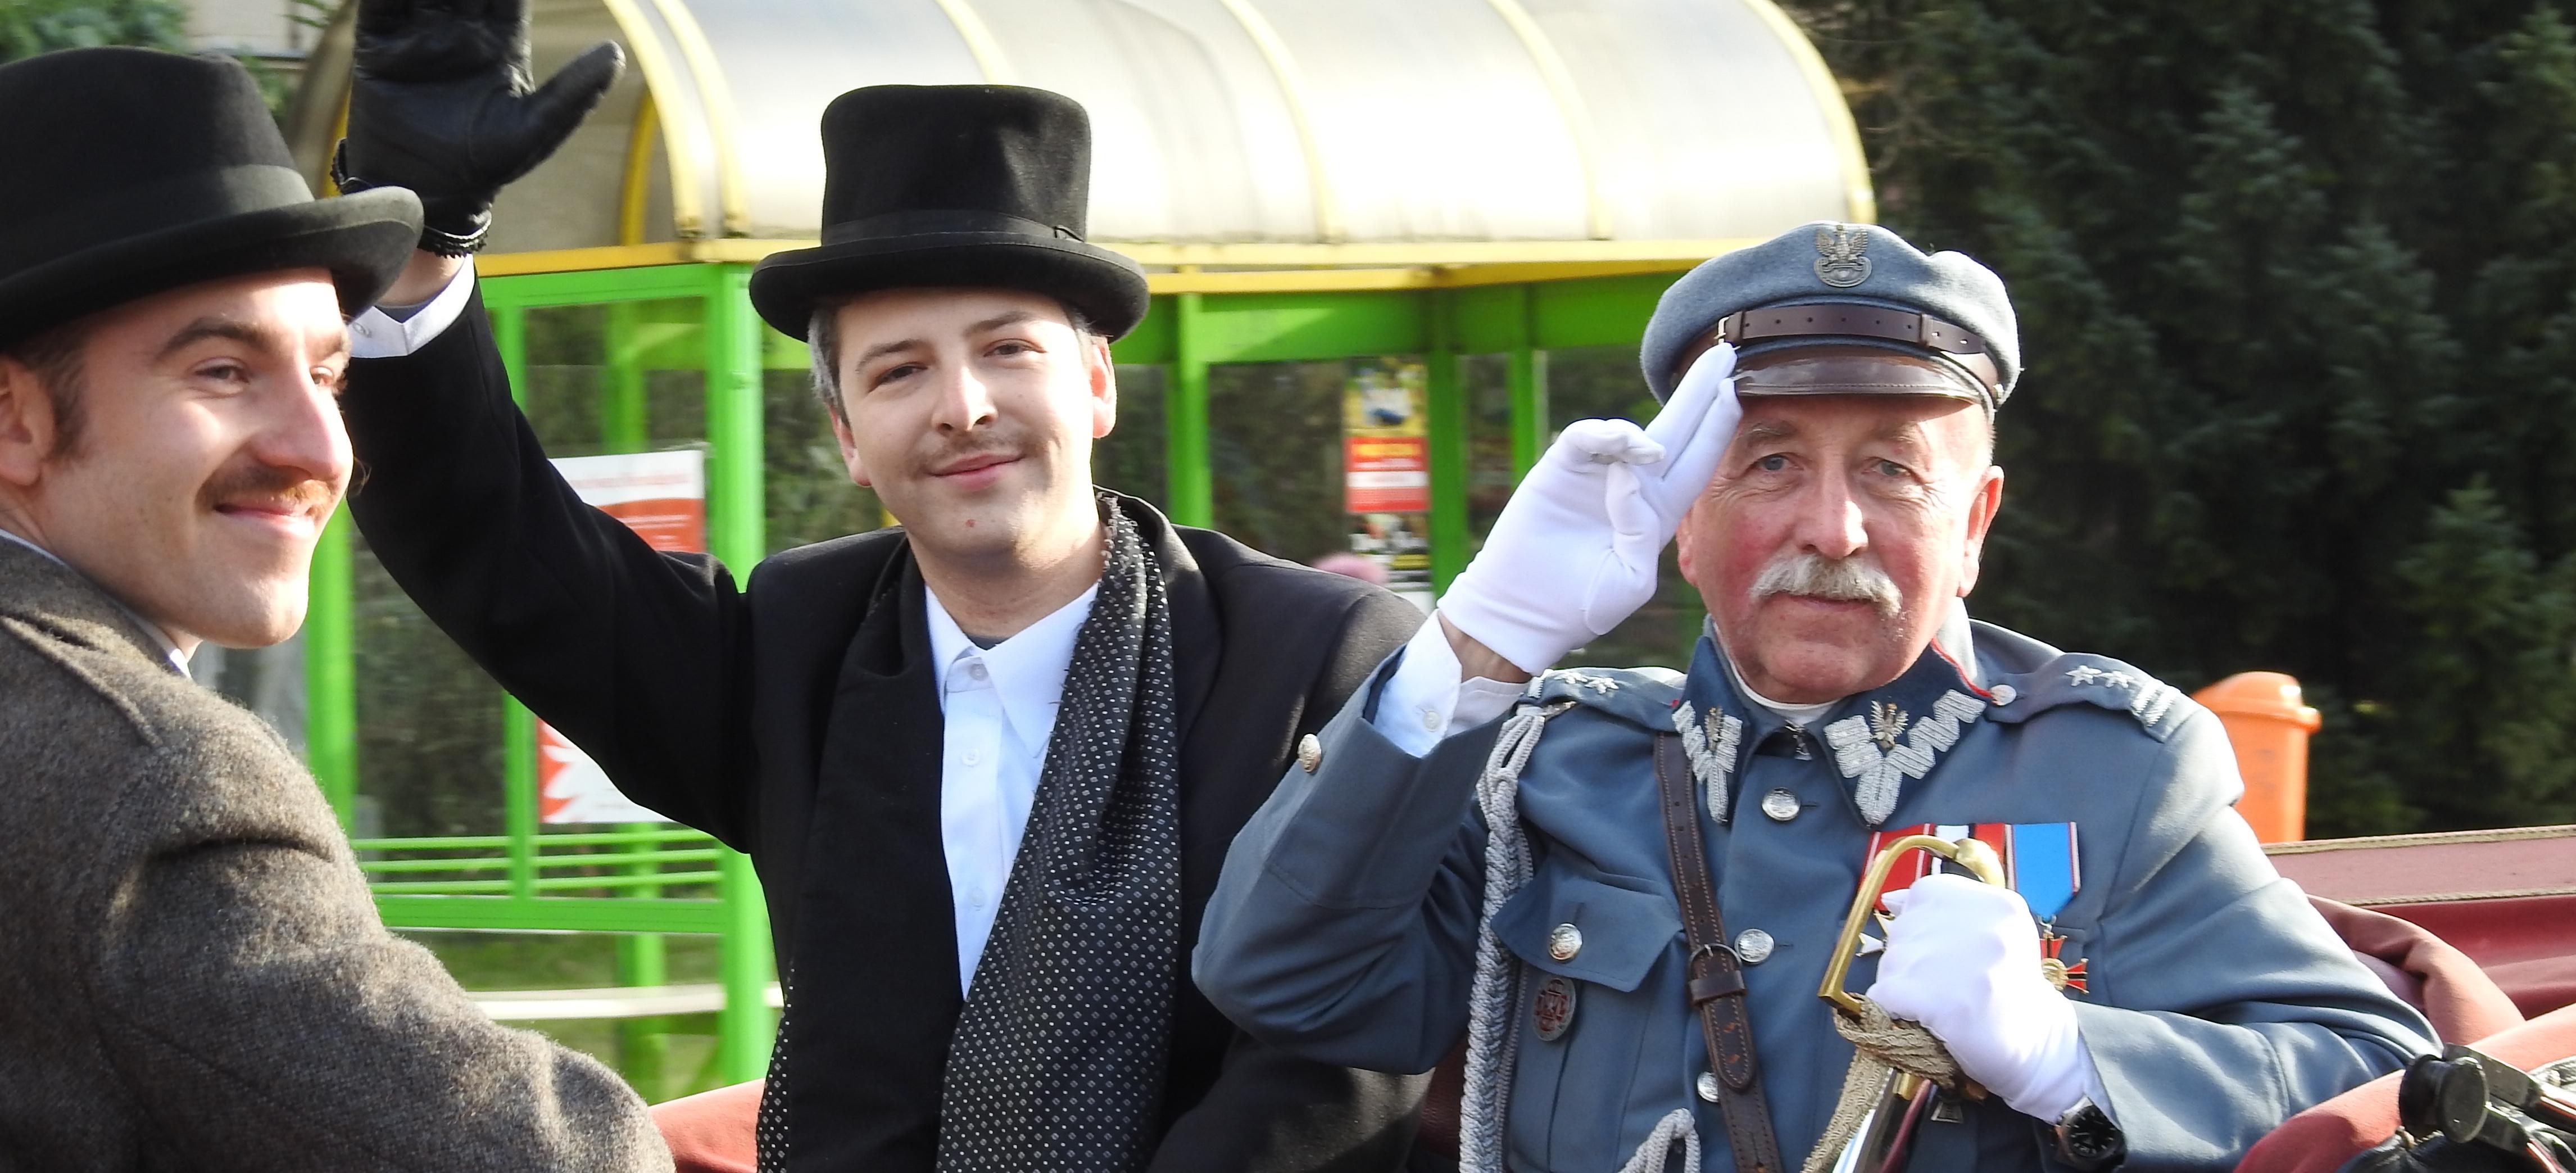 100-lecie odzyskania niepodległości. Tak uczcimy ten dzień w Elblągu i powiecie elbląskim [program wydarzeń]